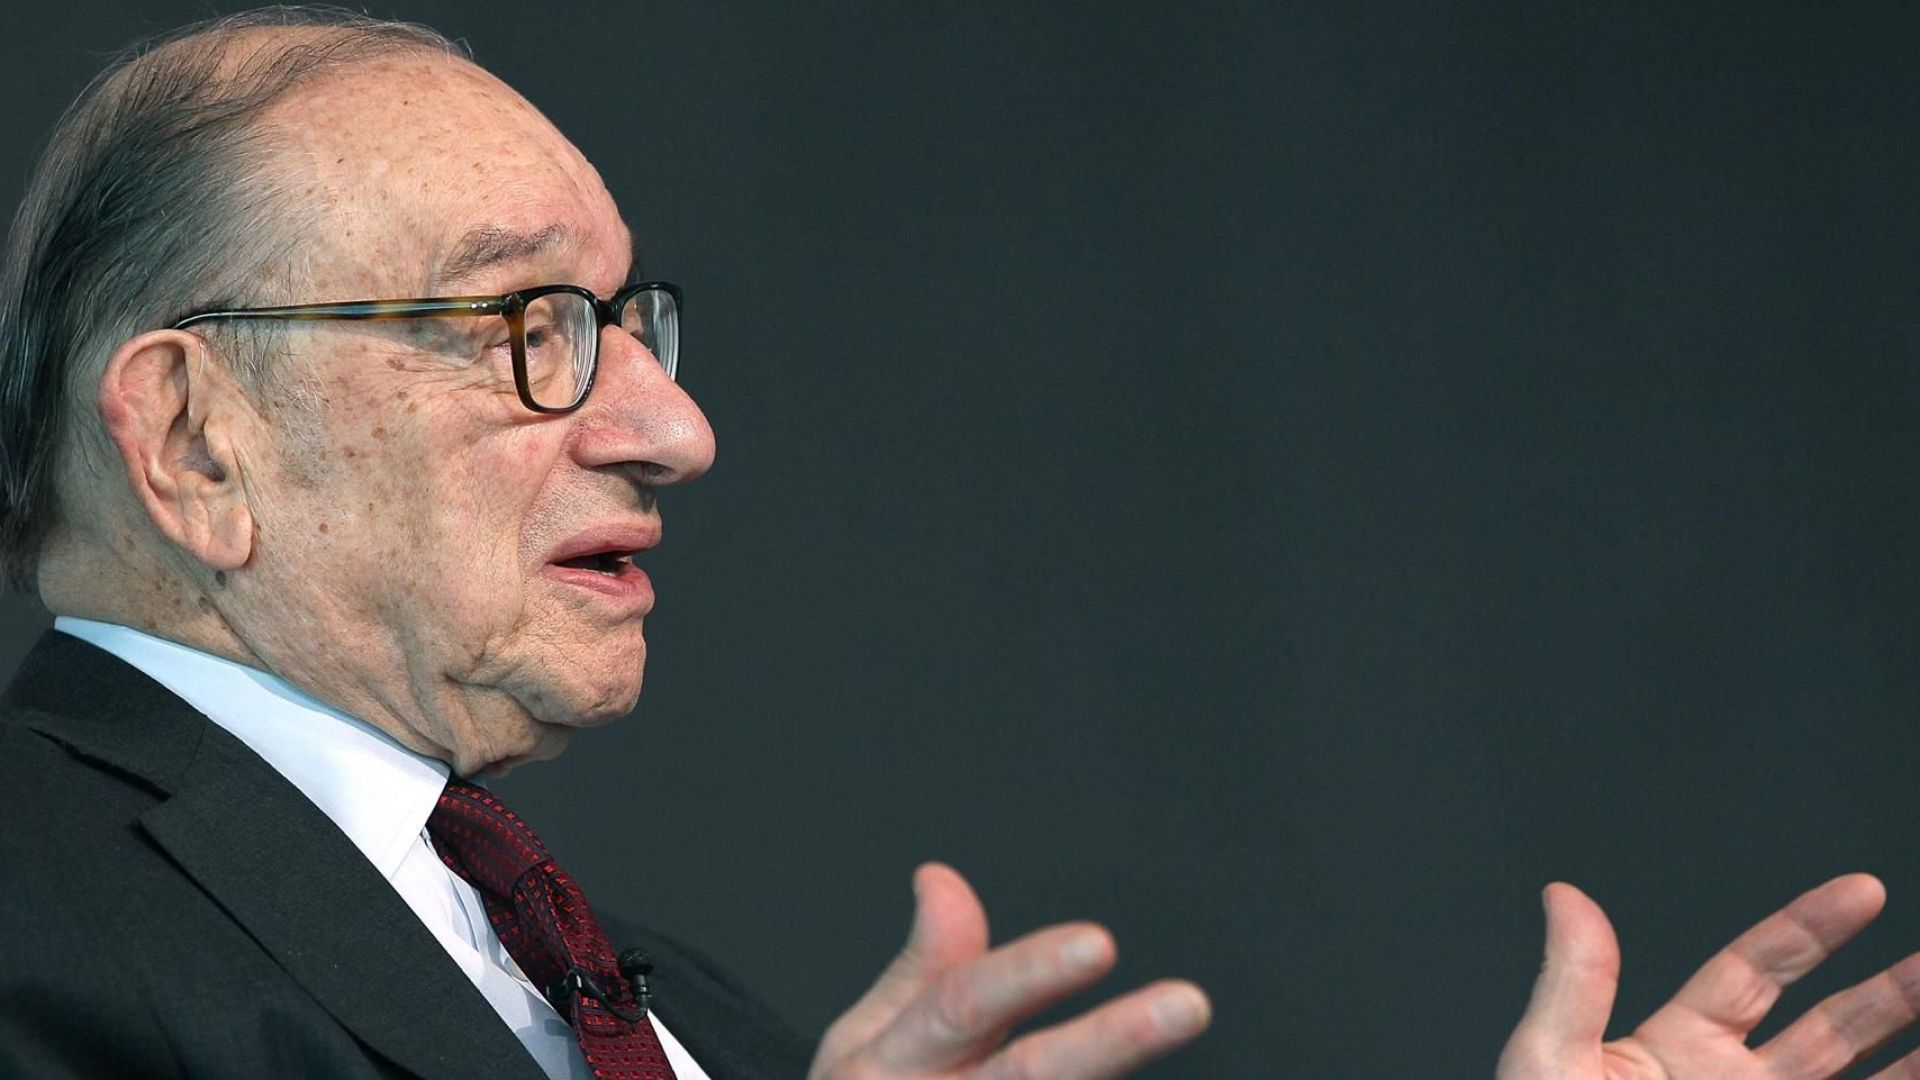 Алън Грийнспан към инвеститорите: Спасявайте се с бягство